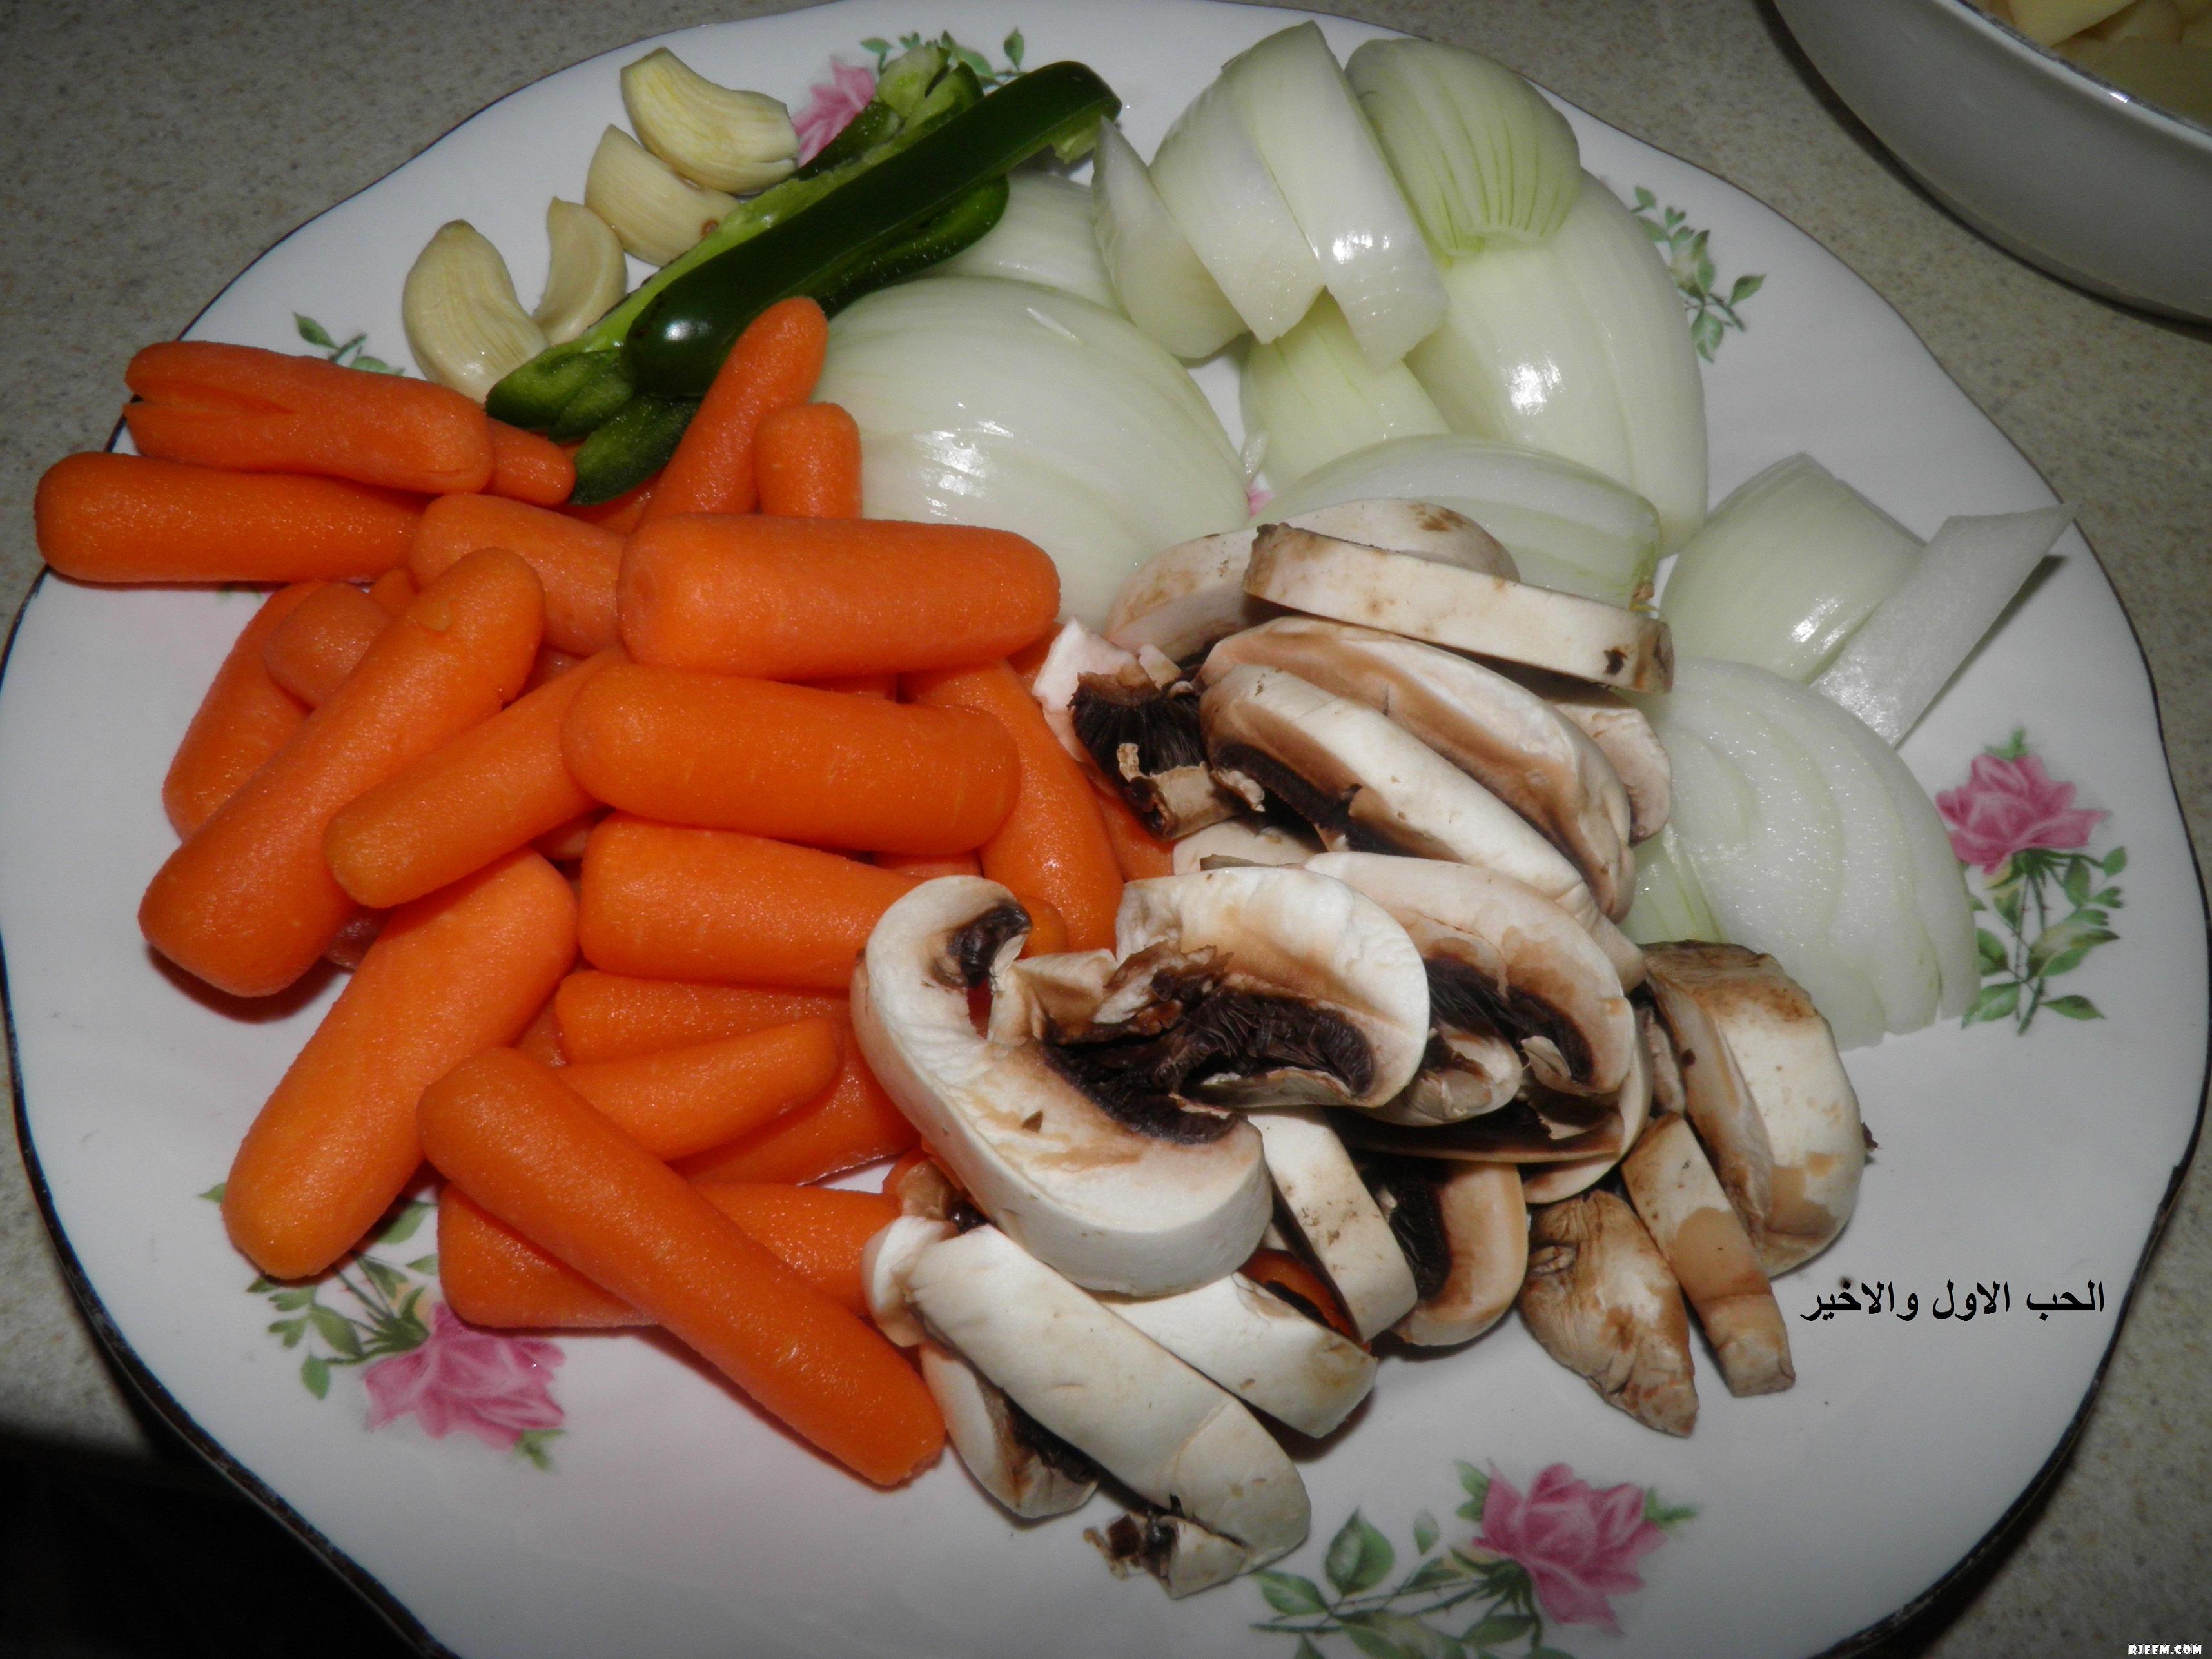 صينية الدجاج بالخضروات من مطبخي 13373241602.jpg